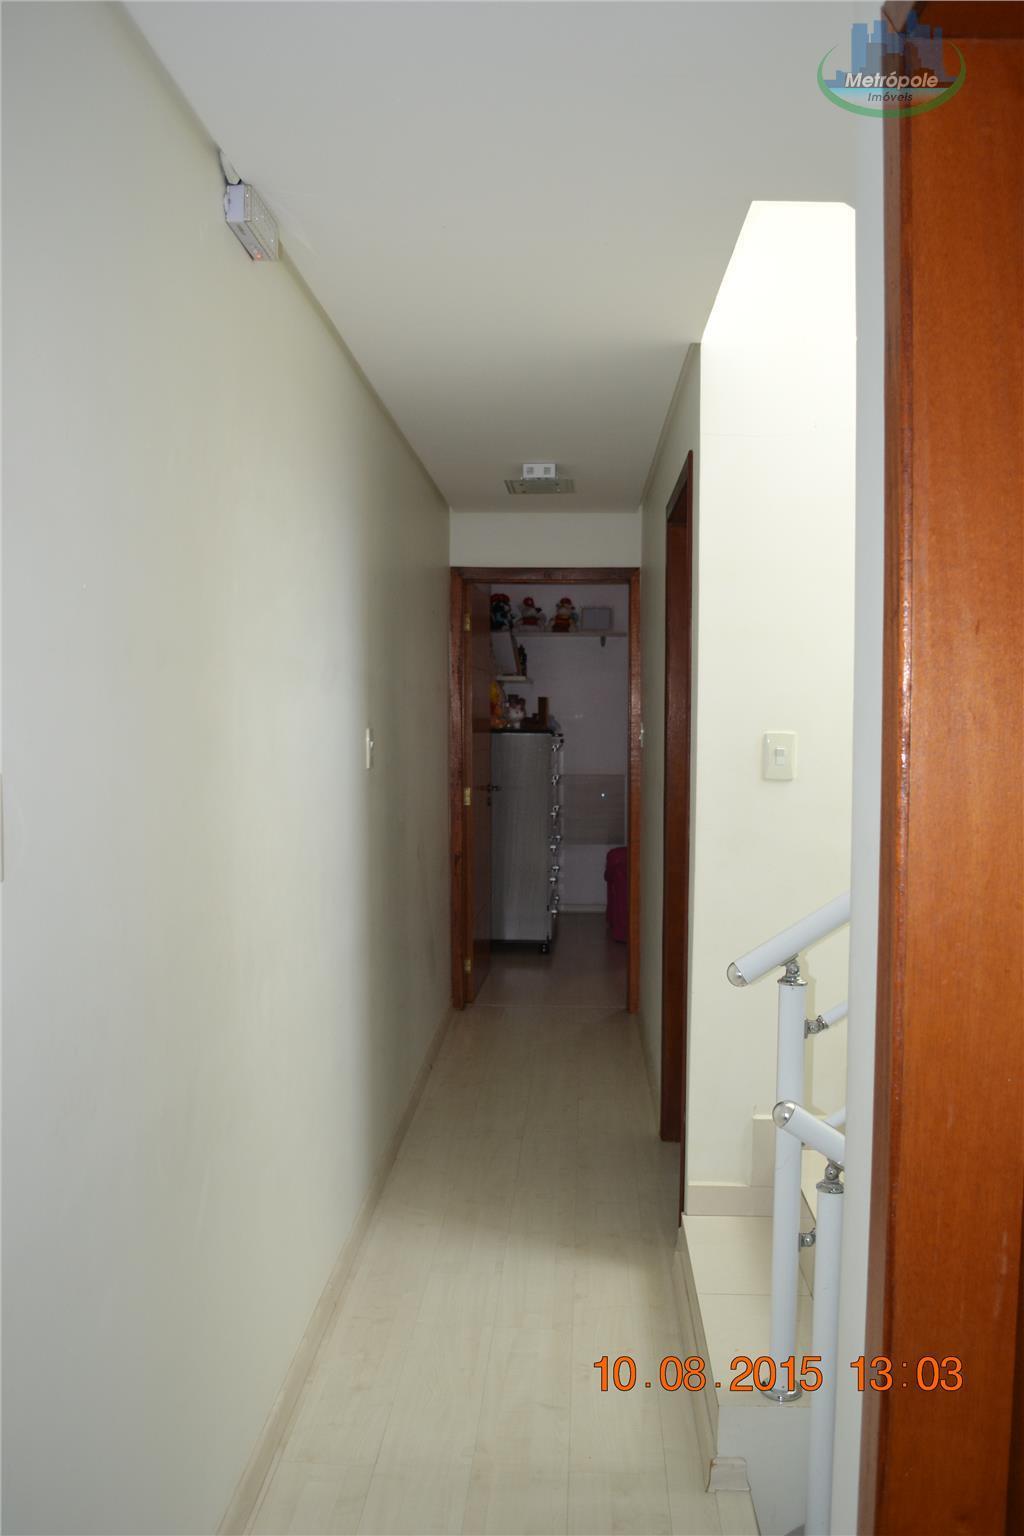 Sobrado de 4 dormitórios à venda em Parque Flamengo, Guarulhos - SP